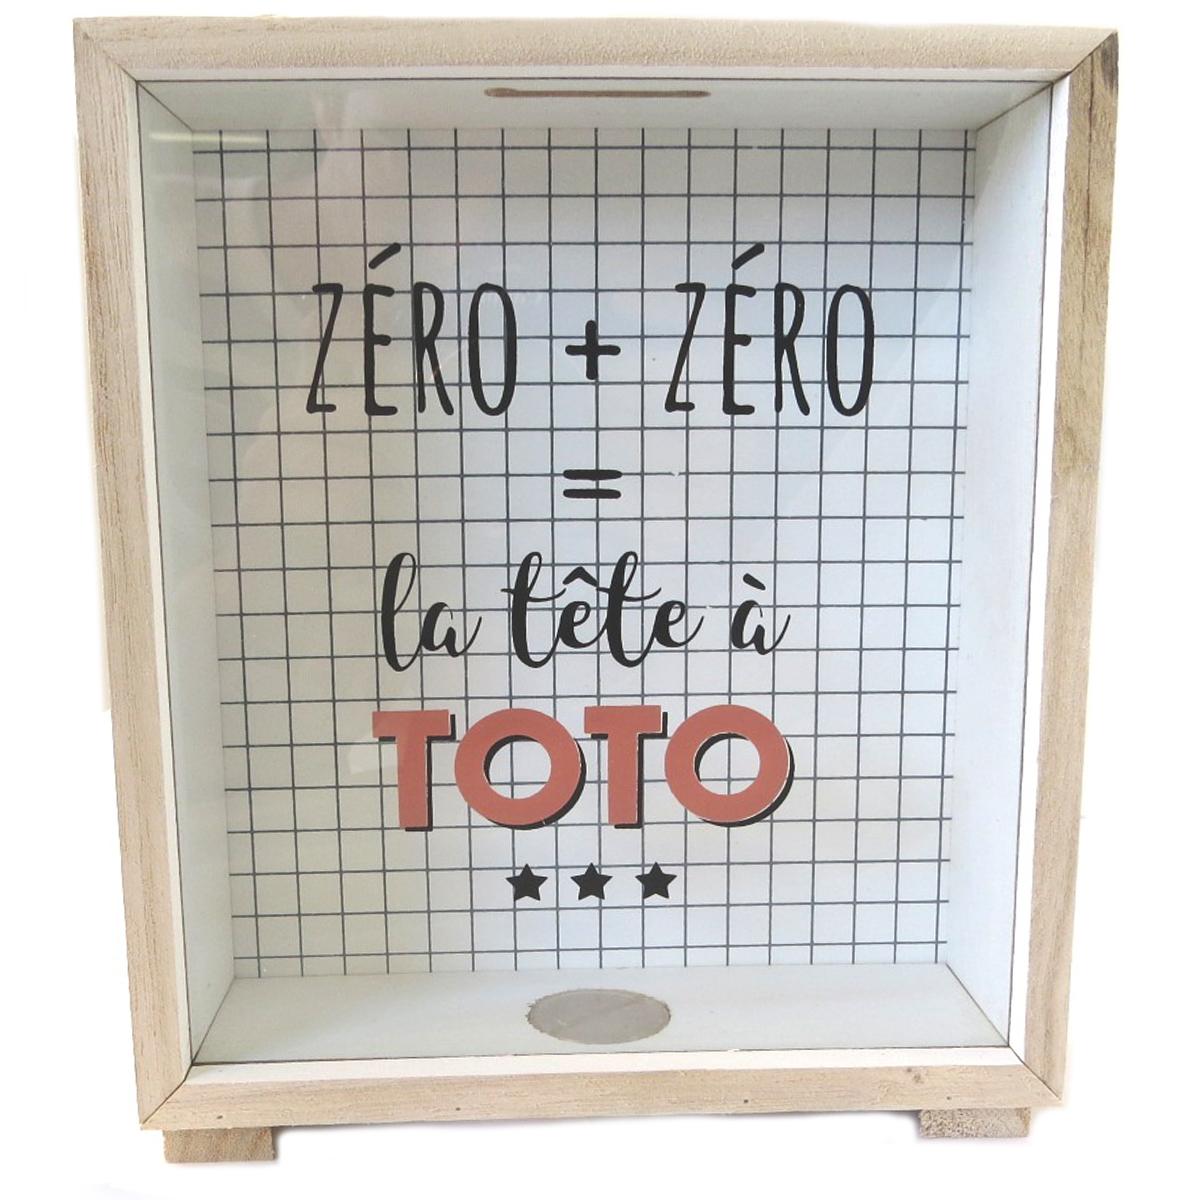 Tirelire bois \'Messages\' rouge beige (Zéro + zéro = la tête à Toto) - 212x18x58 cm - [Q1732]